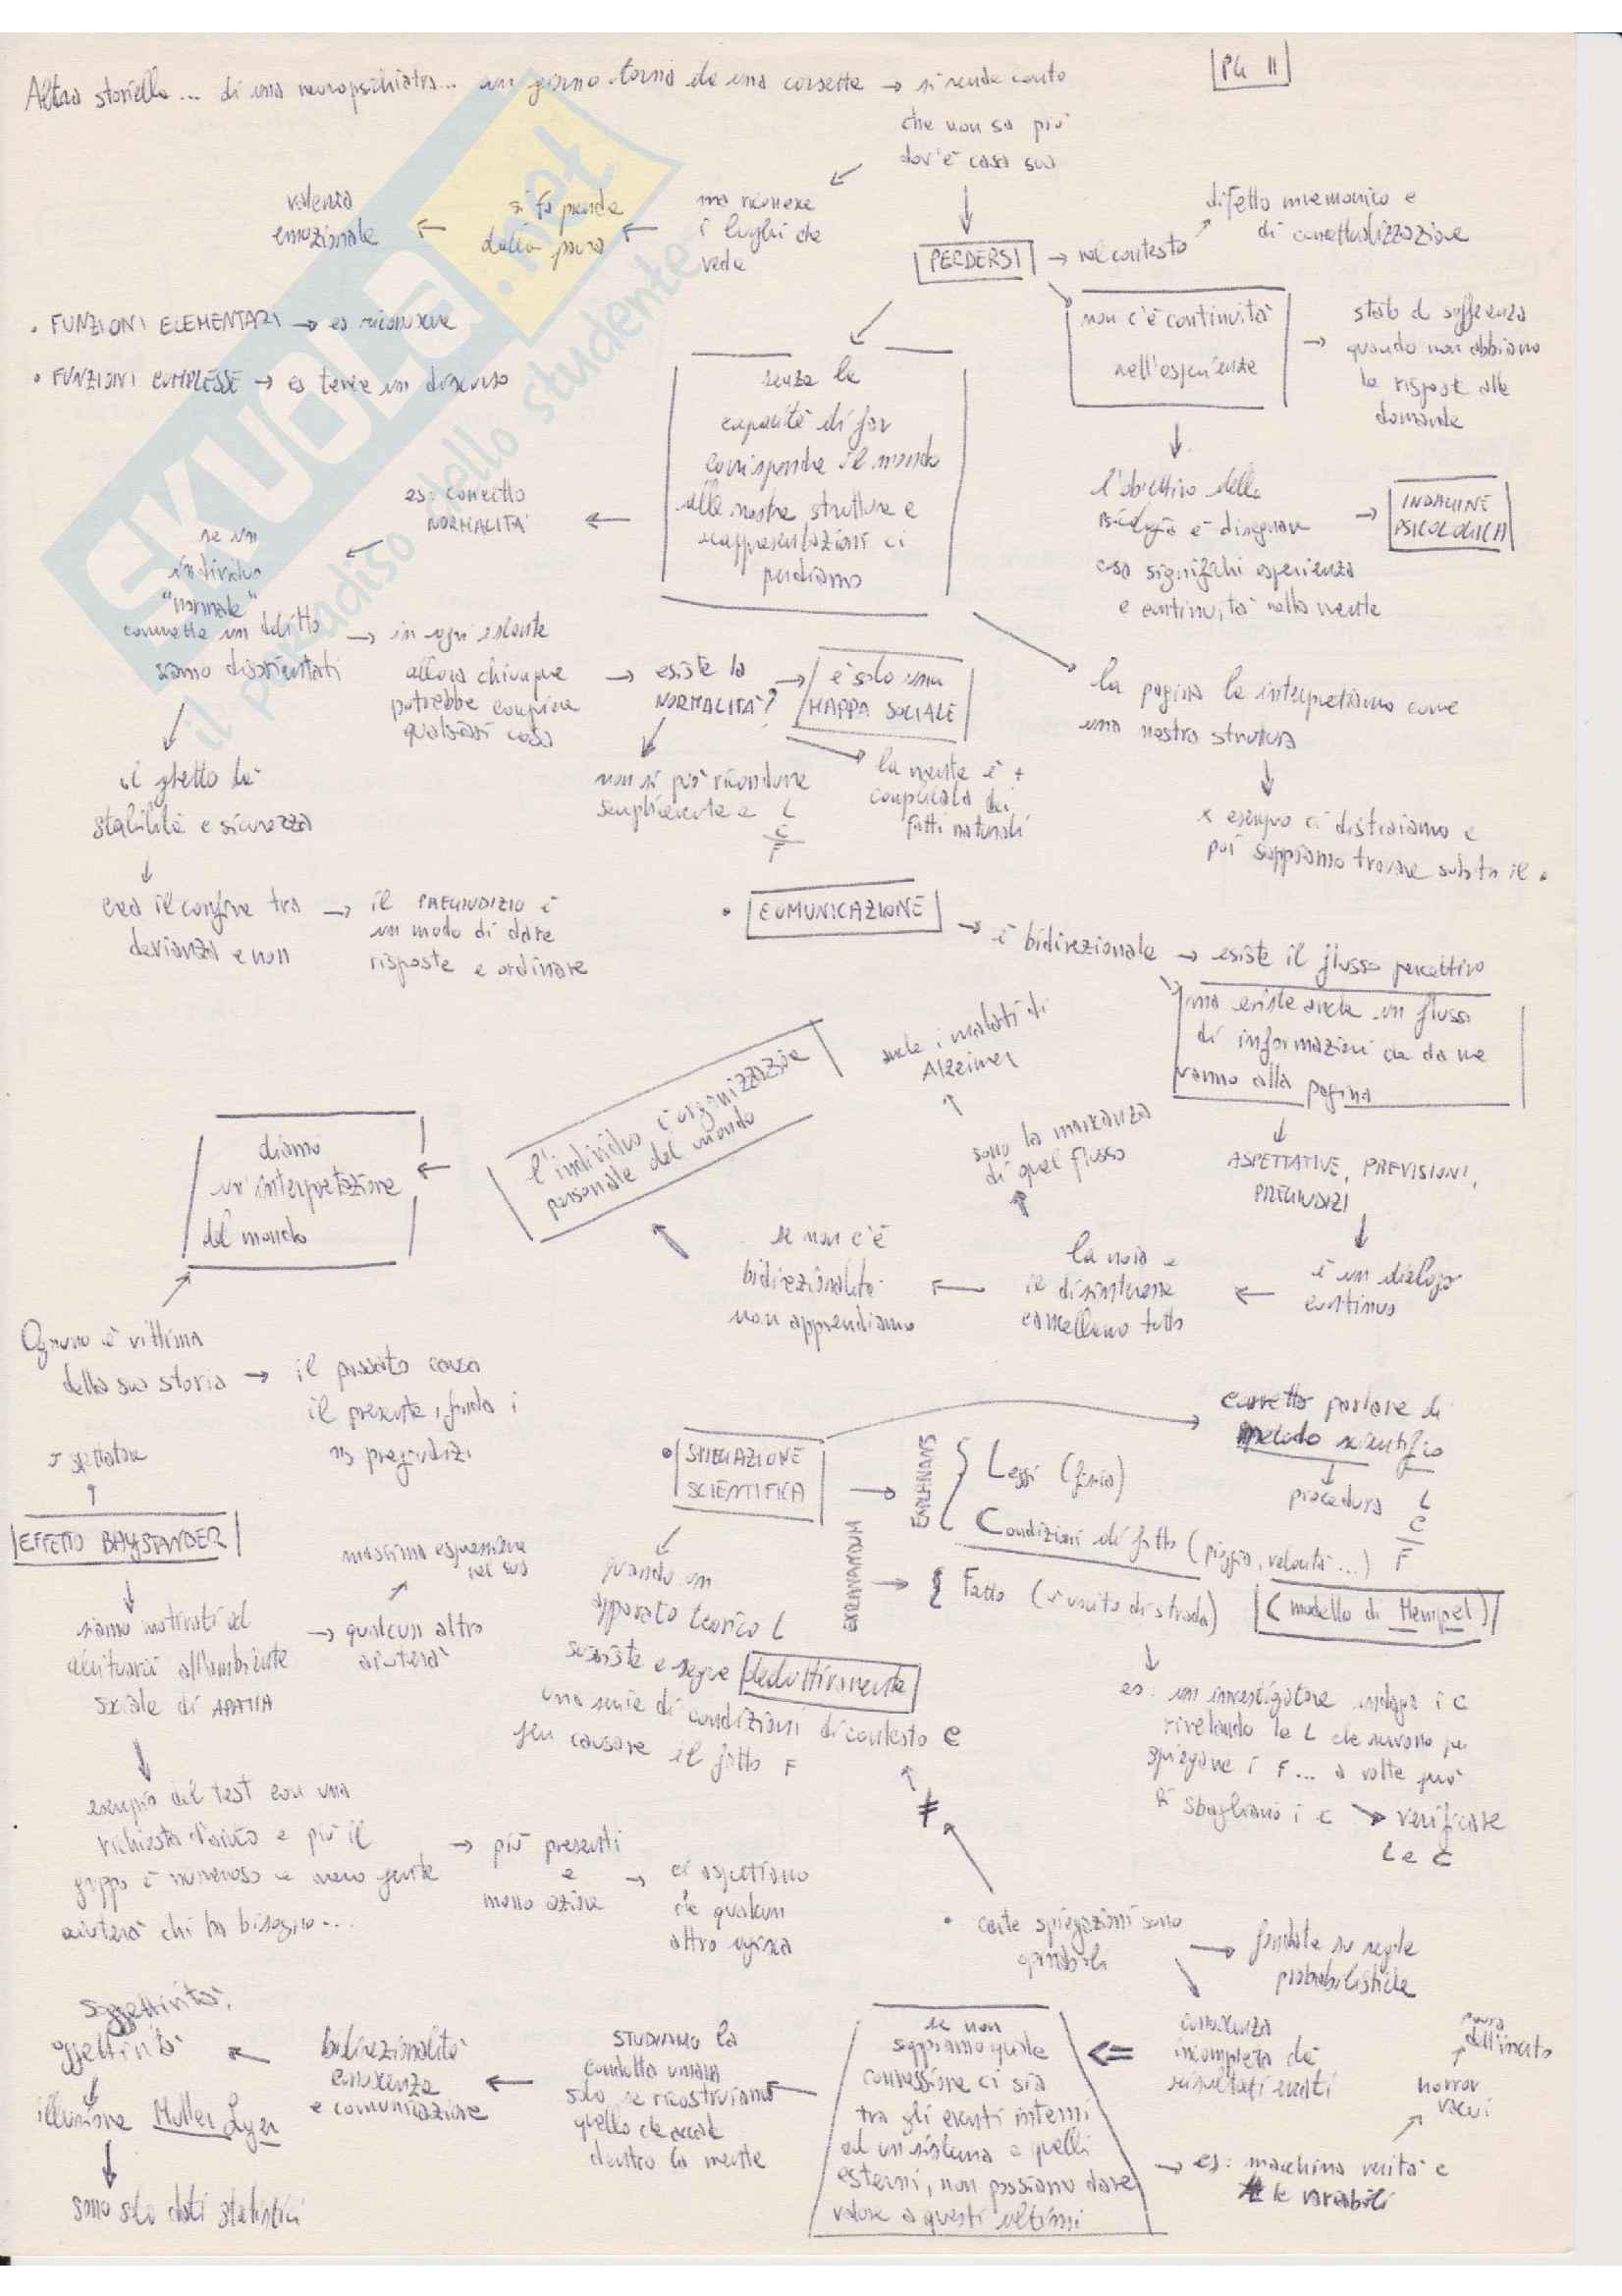 Schemi riassuntivi esame Psicologia Generale, prof Roncato Sergio e Sadi Marhaba. Testi consigliati: Psicologia Generale di Ronacato S.,  Elementi di base per la storia e l'epistemologia della psicologia di S. Marhaba Pag. 21